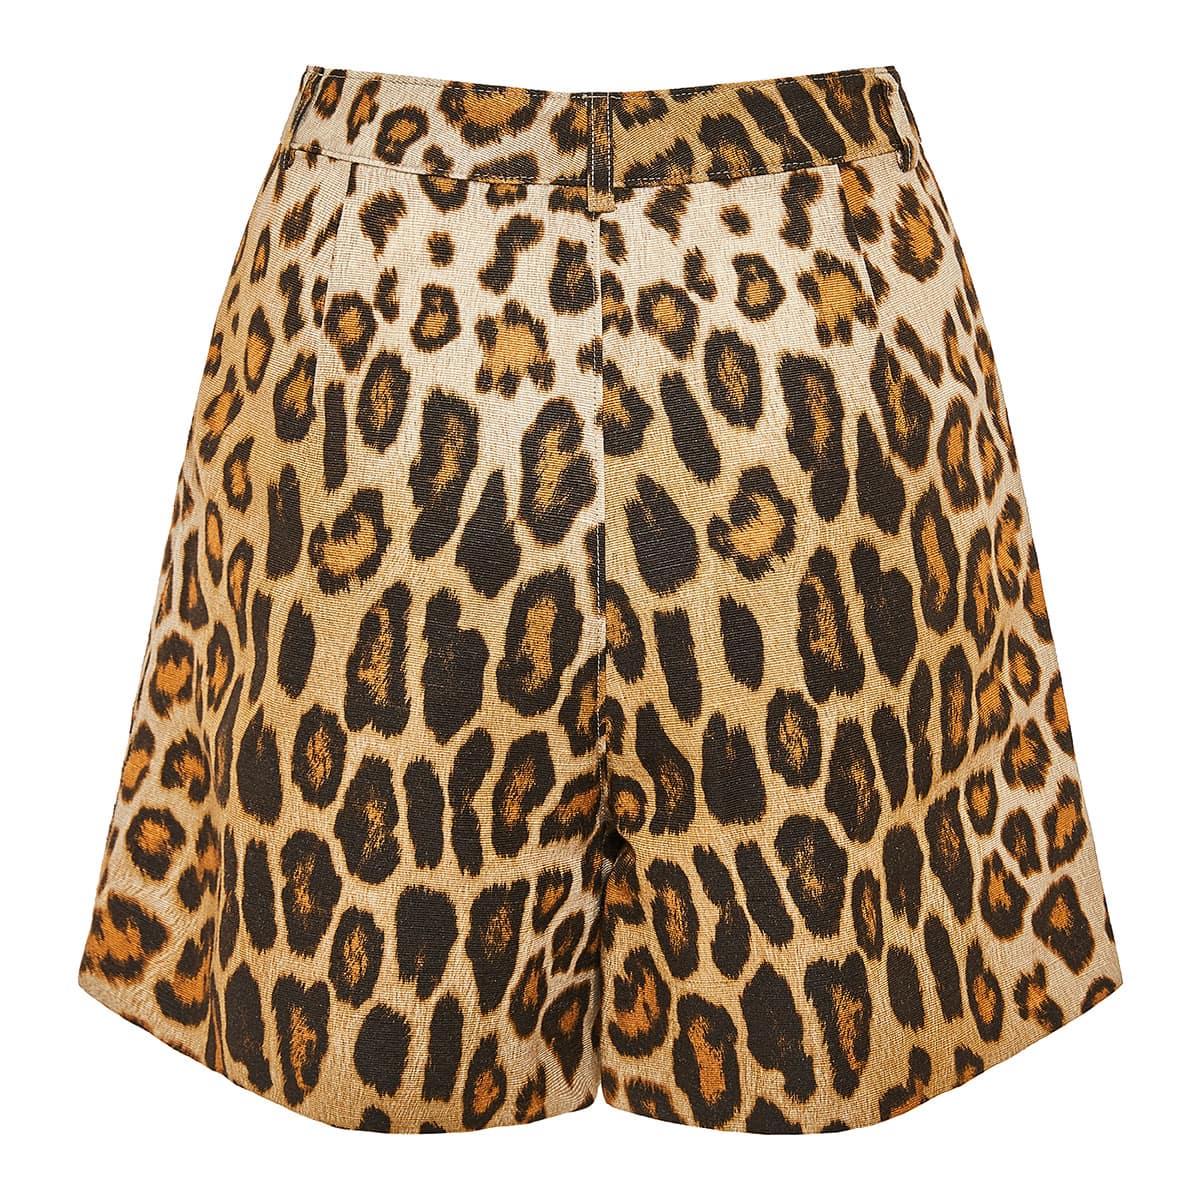 High-waist leopard shorts